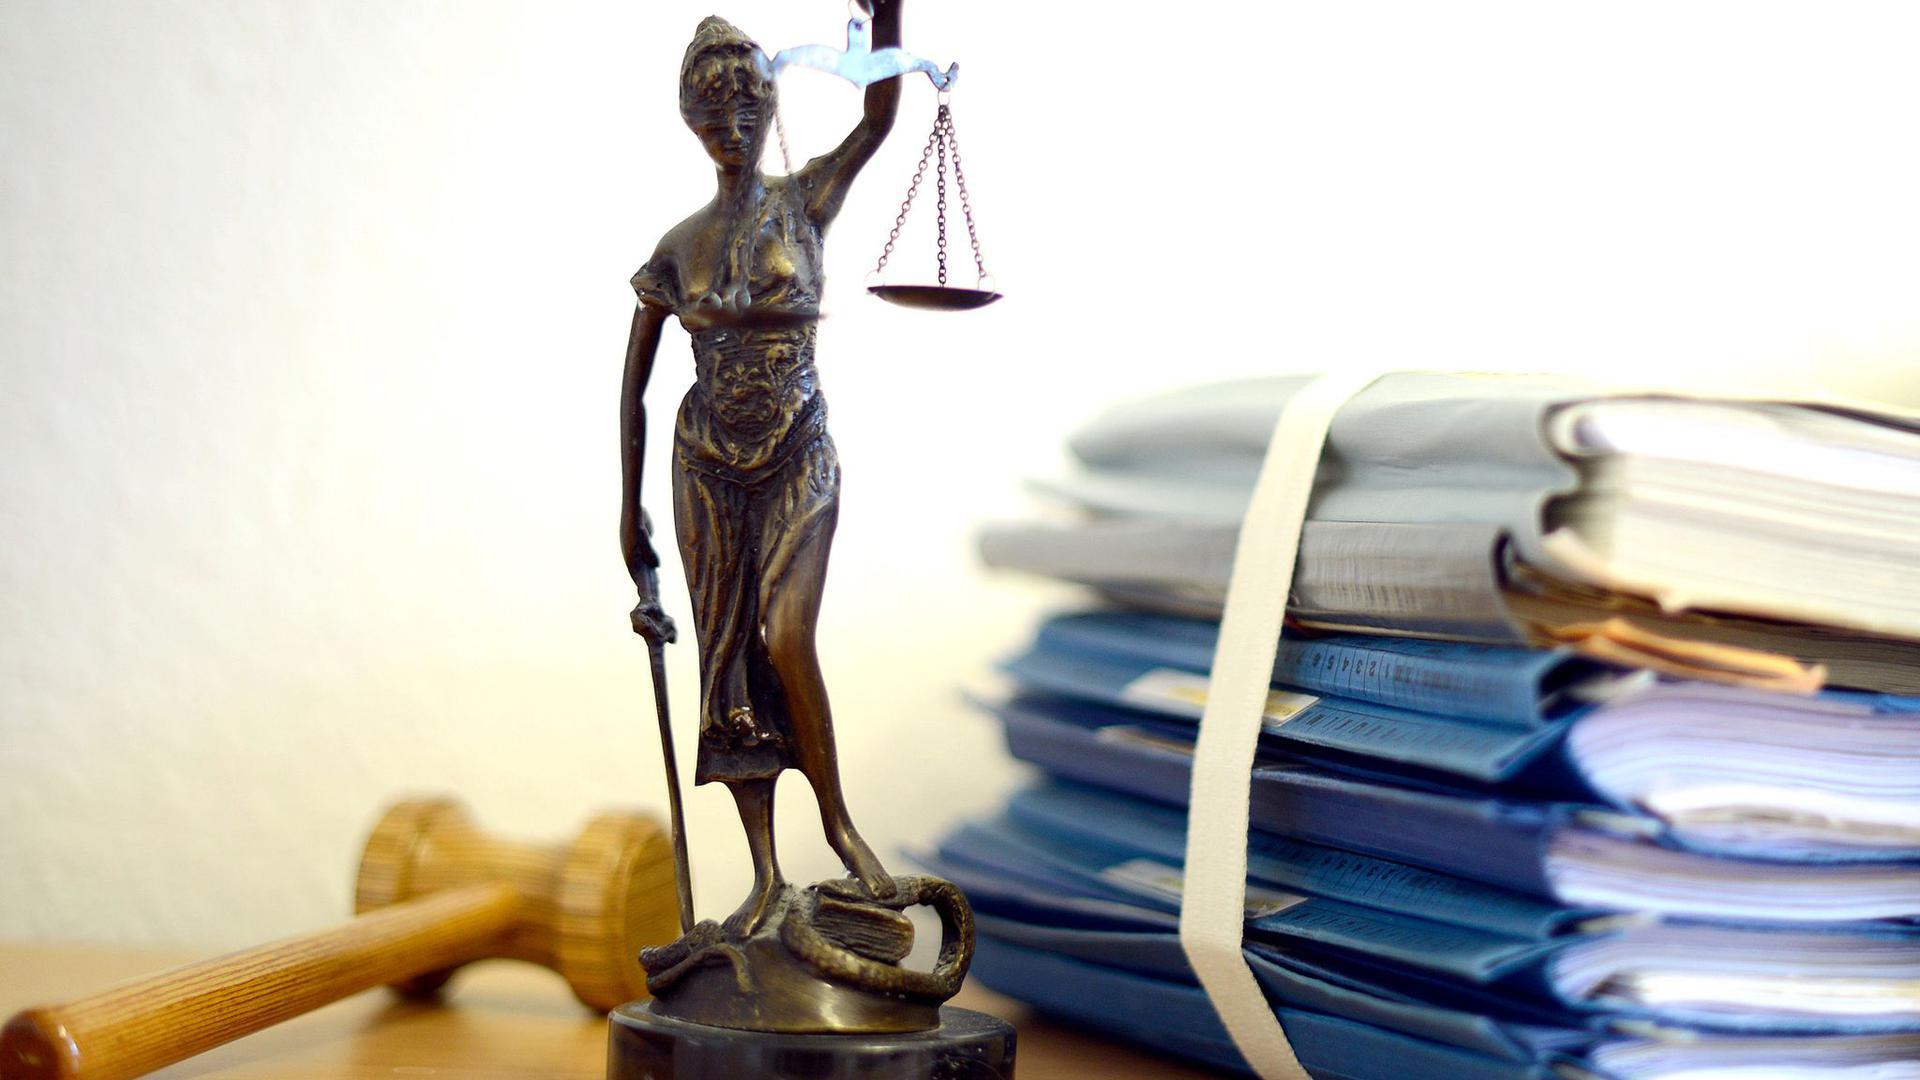 Die modellhafte Nachbildung der Justitia steht neben einem Holzhammer und einem Aktenstapel.